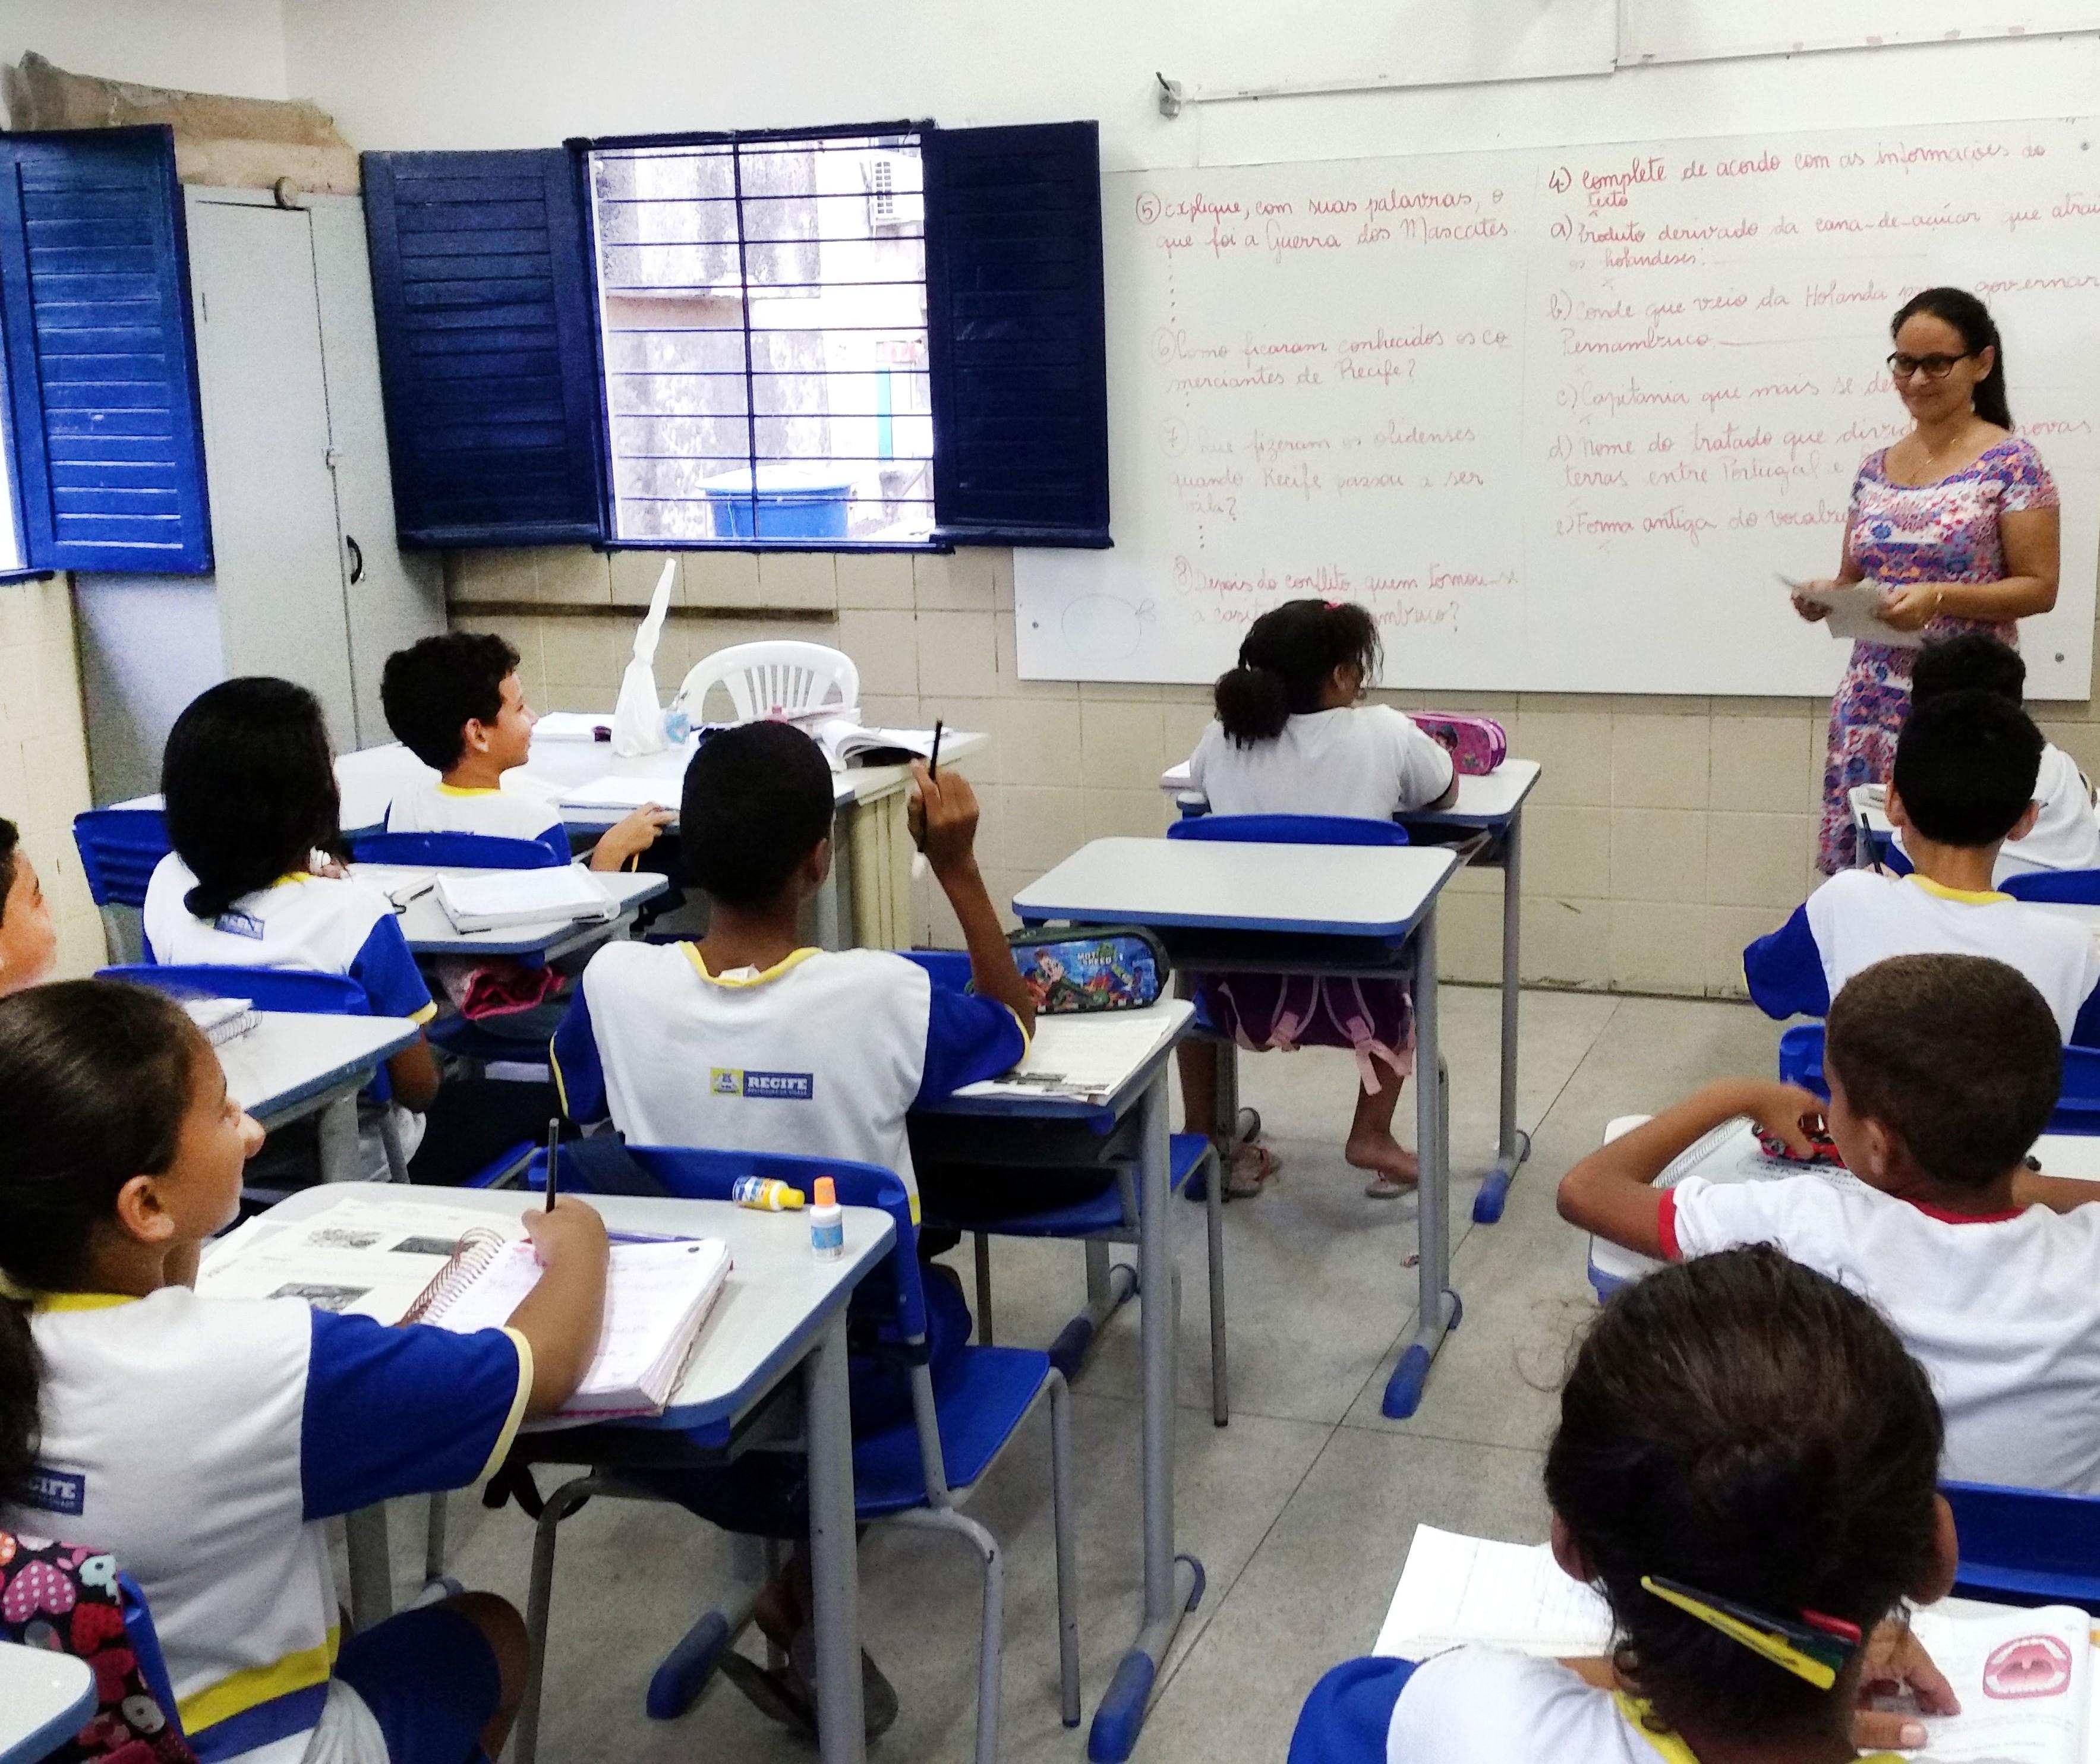 Matrículas na rede estadual de ensino começam nessa terça-feira (24)